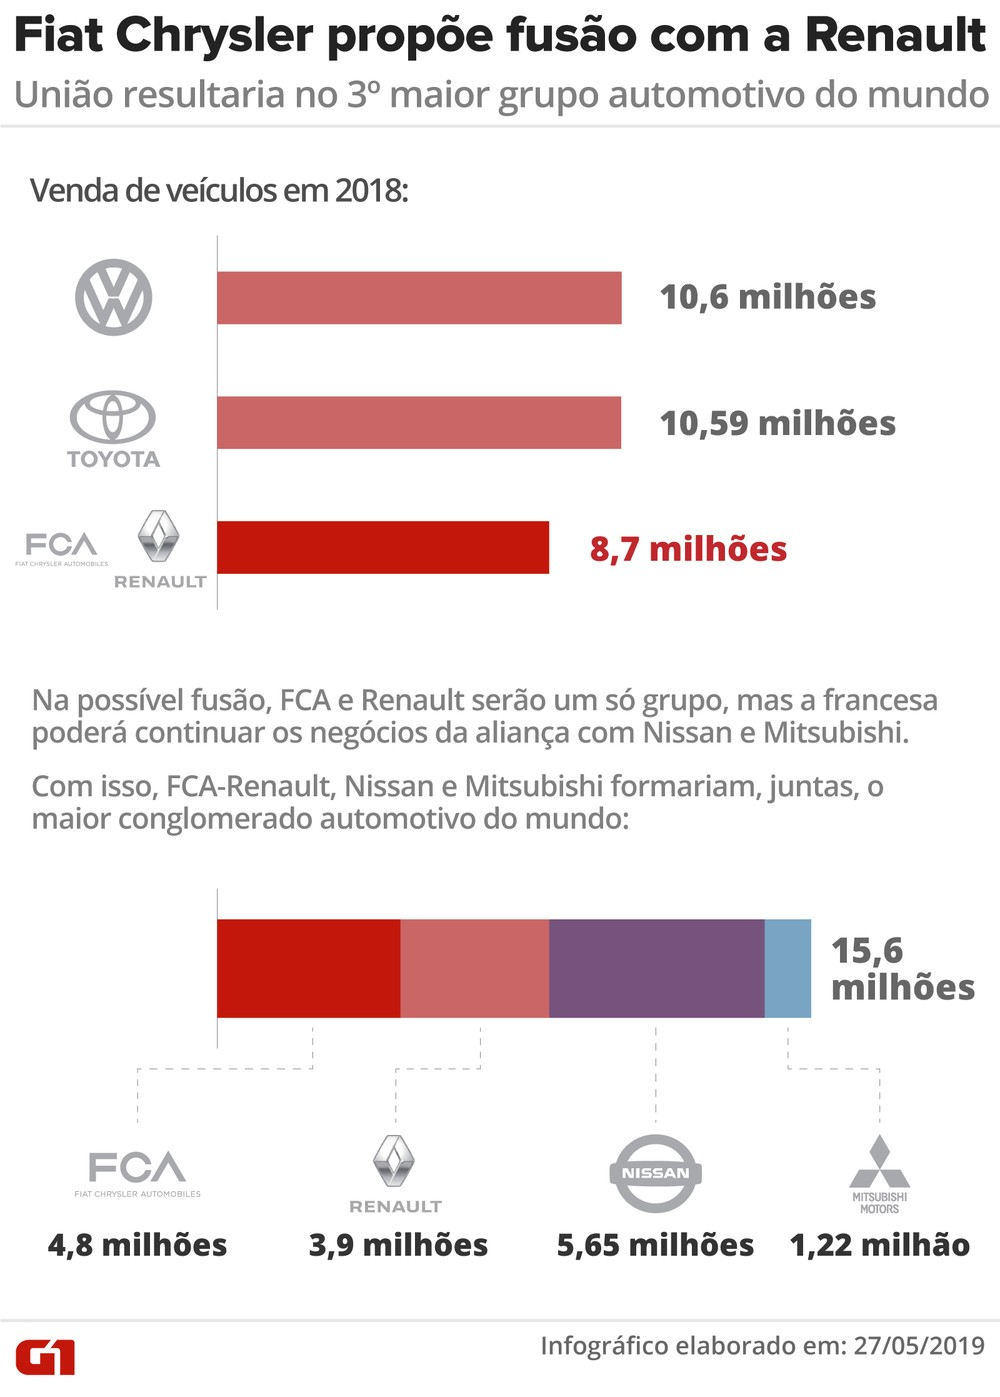 Renault confirma interesse em fusão com Fiat Chrysler, mas adia decisão Fusao-10